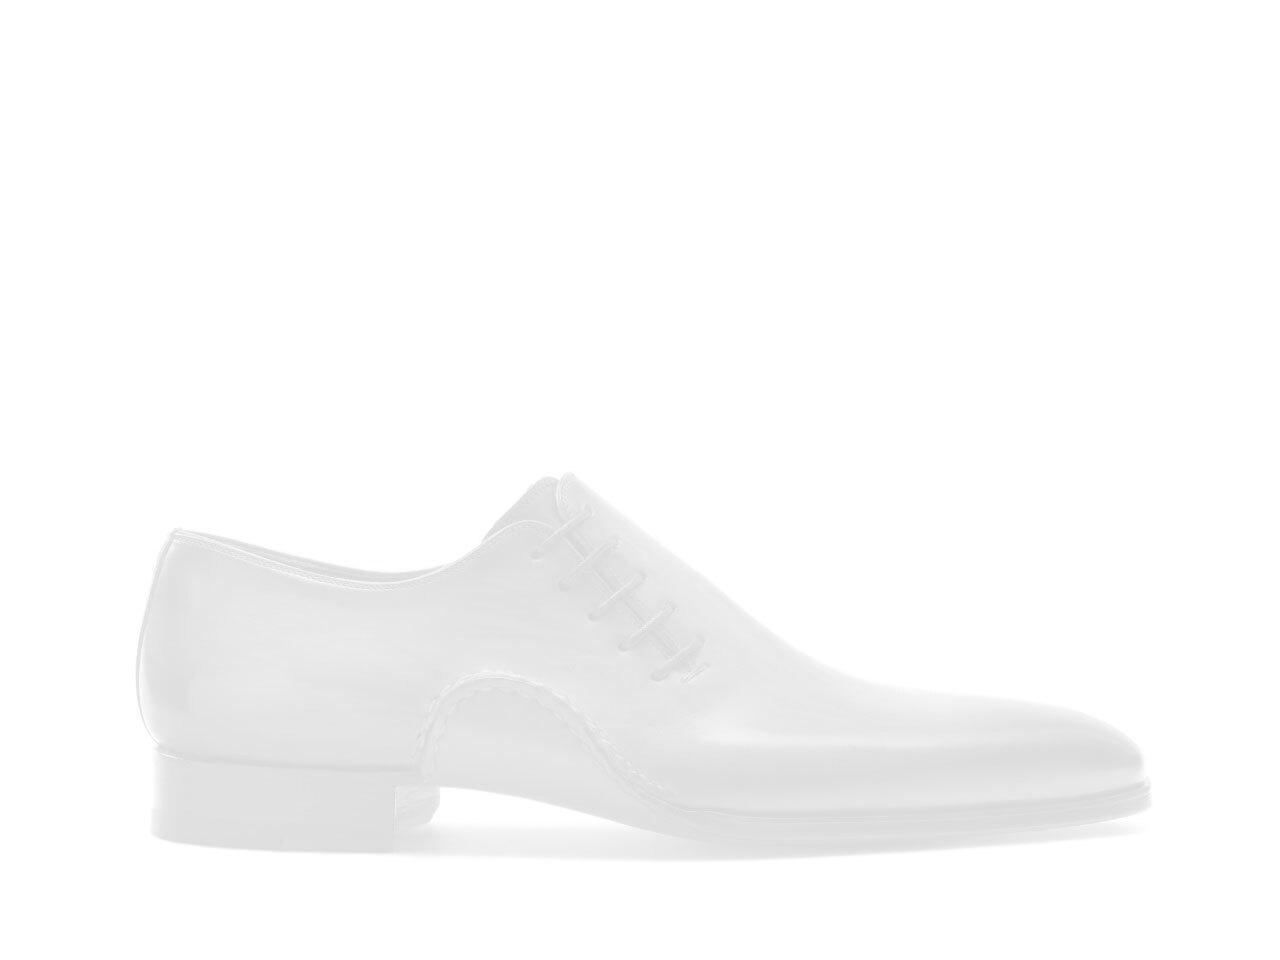 Pair of the Magnanni Luis Black Men's Oxford Shoes